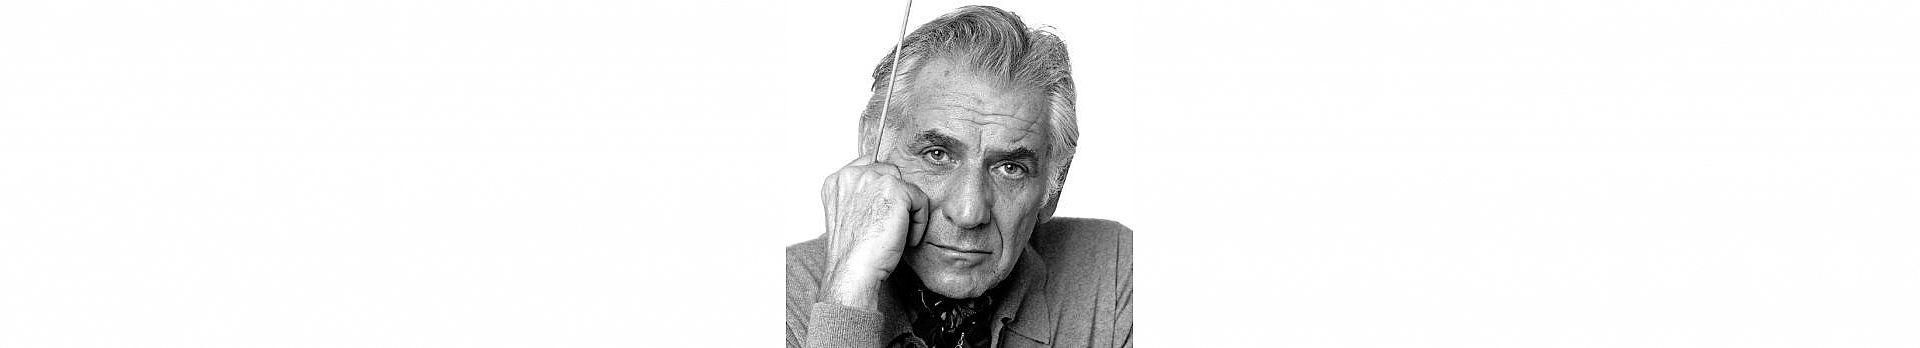 לאונרד ברנשטיין